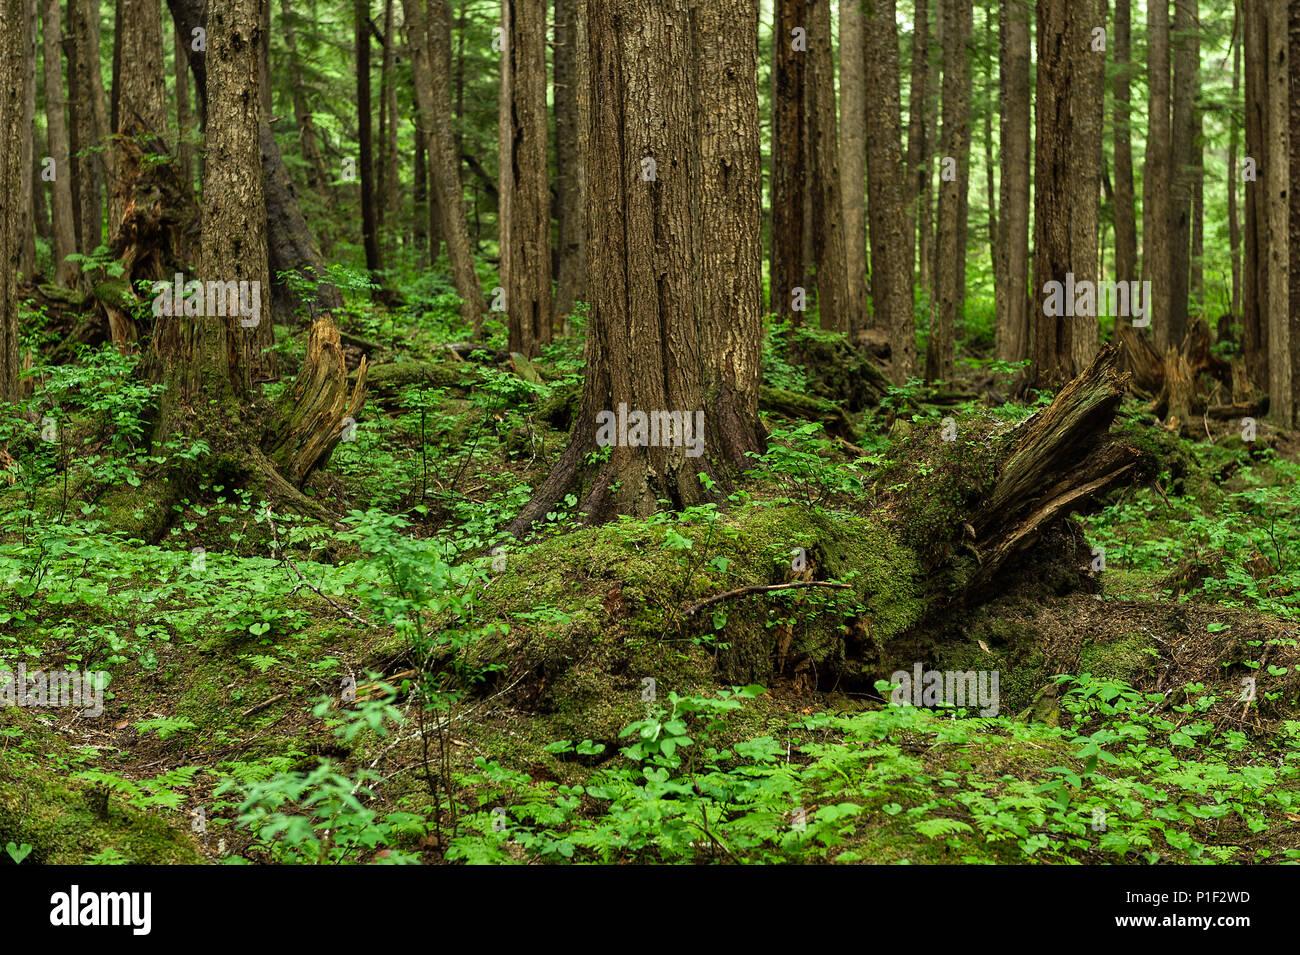 El piso del bosque verde, Punto de Canarias, Hoonah, Alaska, EE.UU. Foto de stock